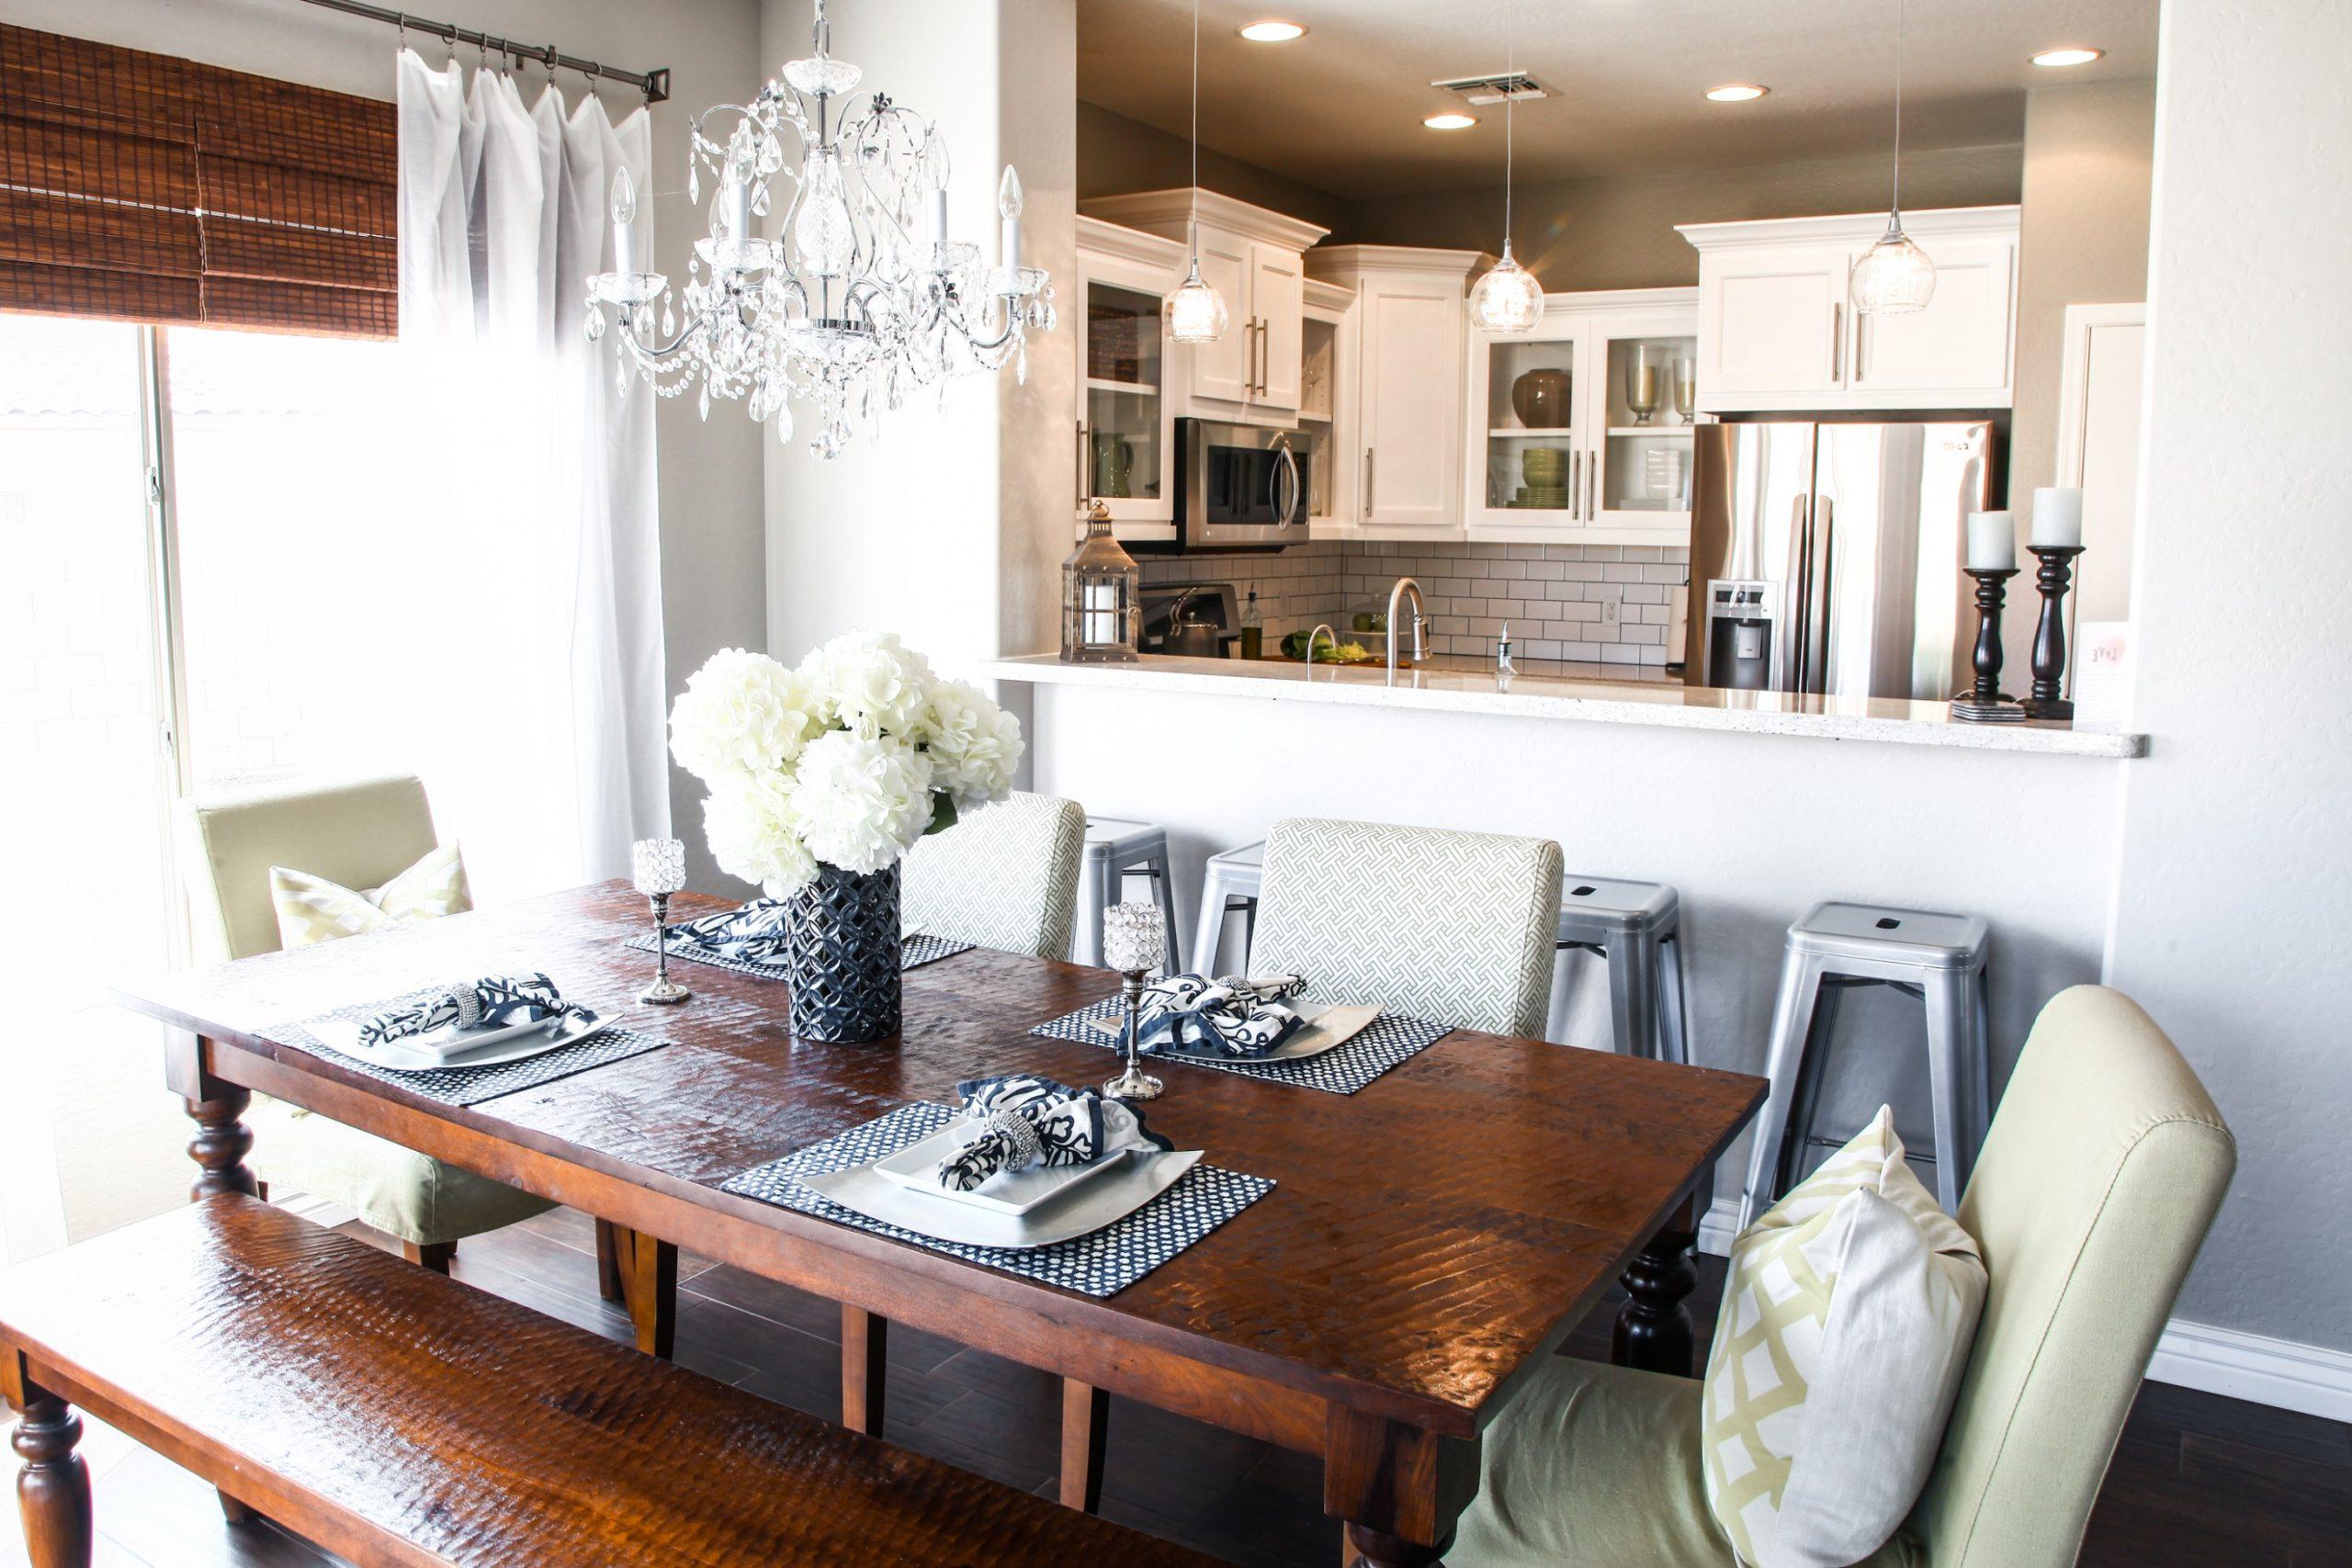 Dining Room  littlehousebigplans - Dining Room Off Kitchen Ideas